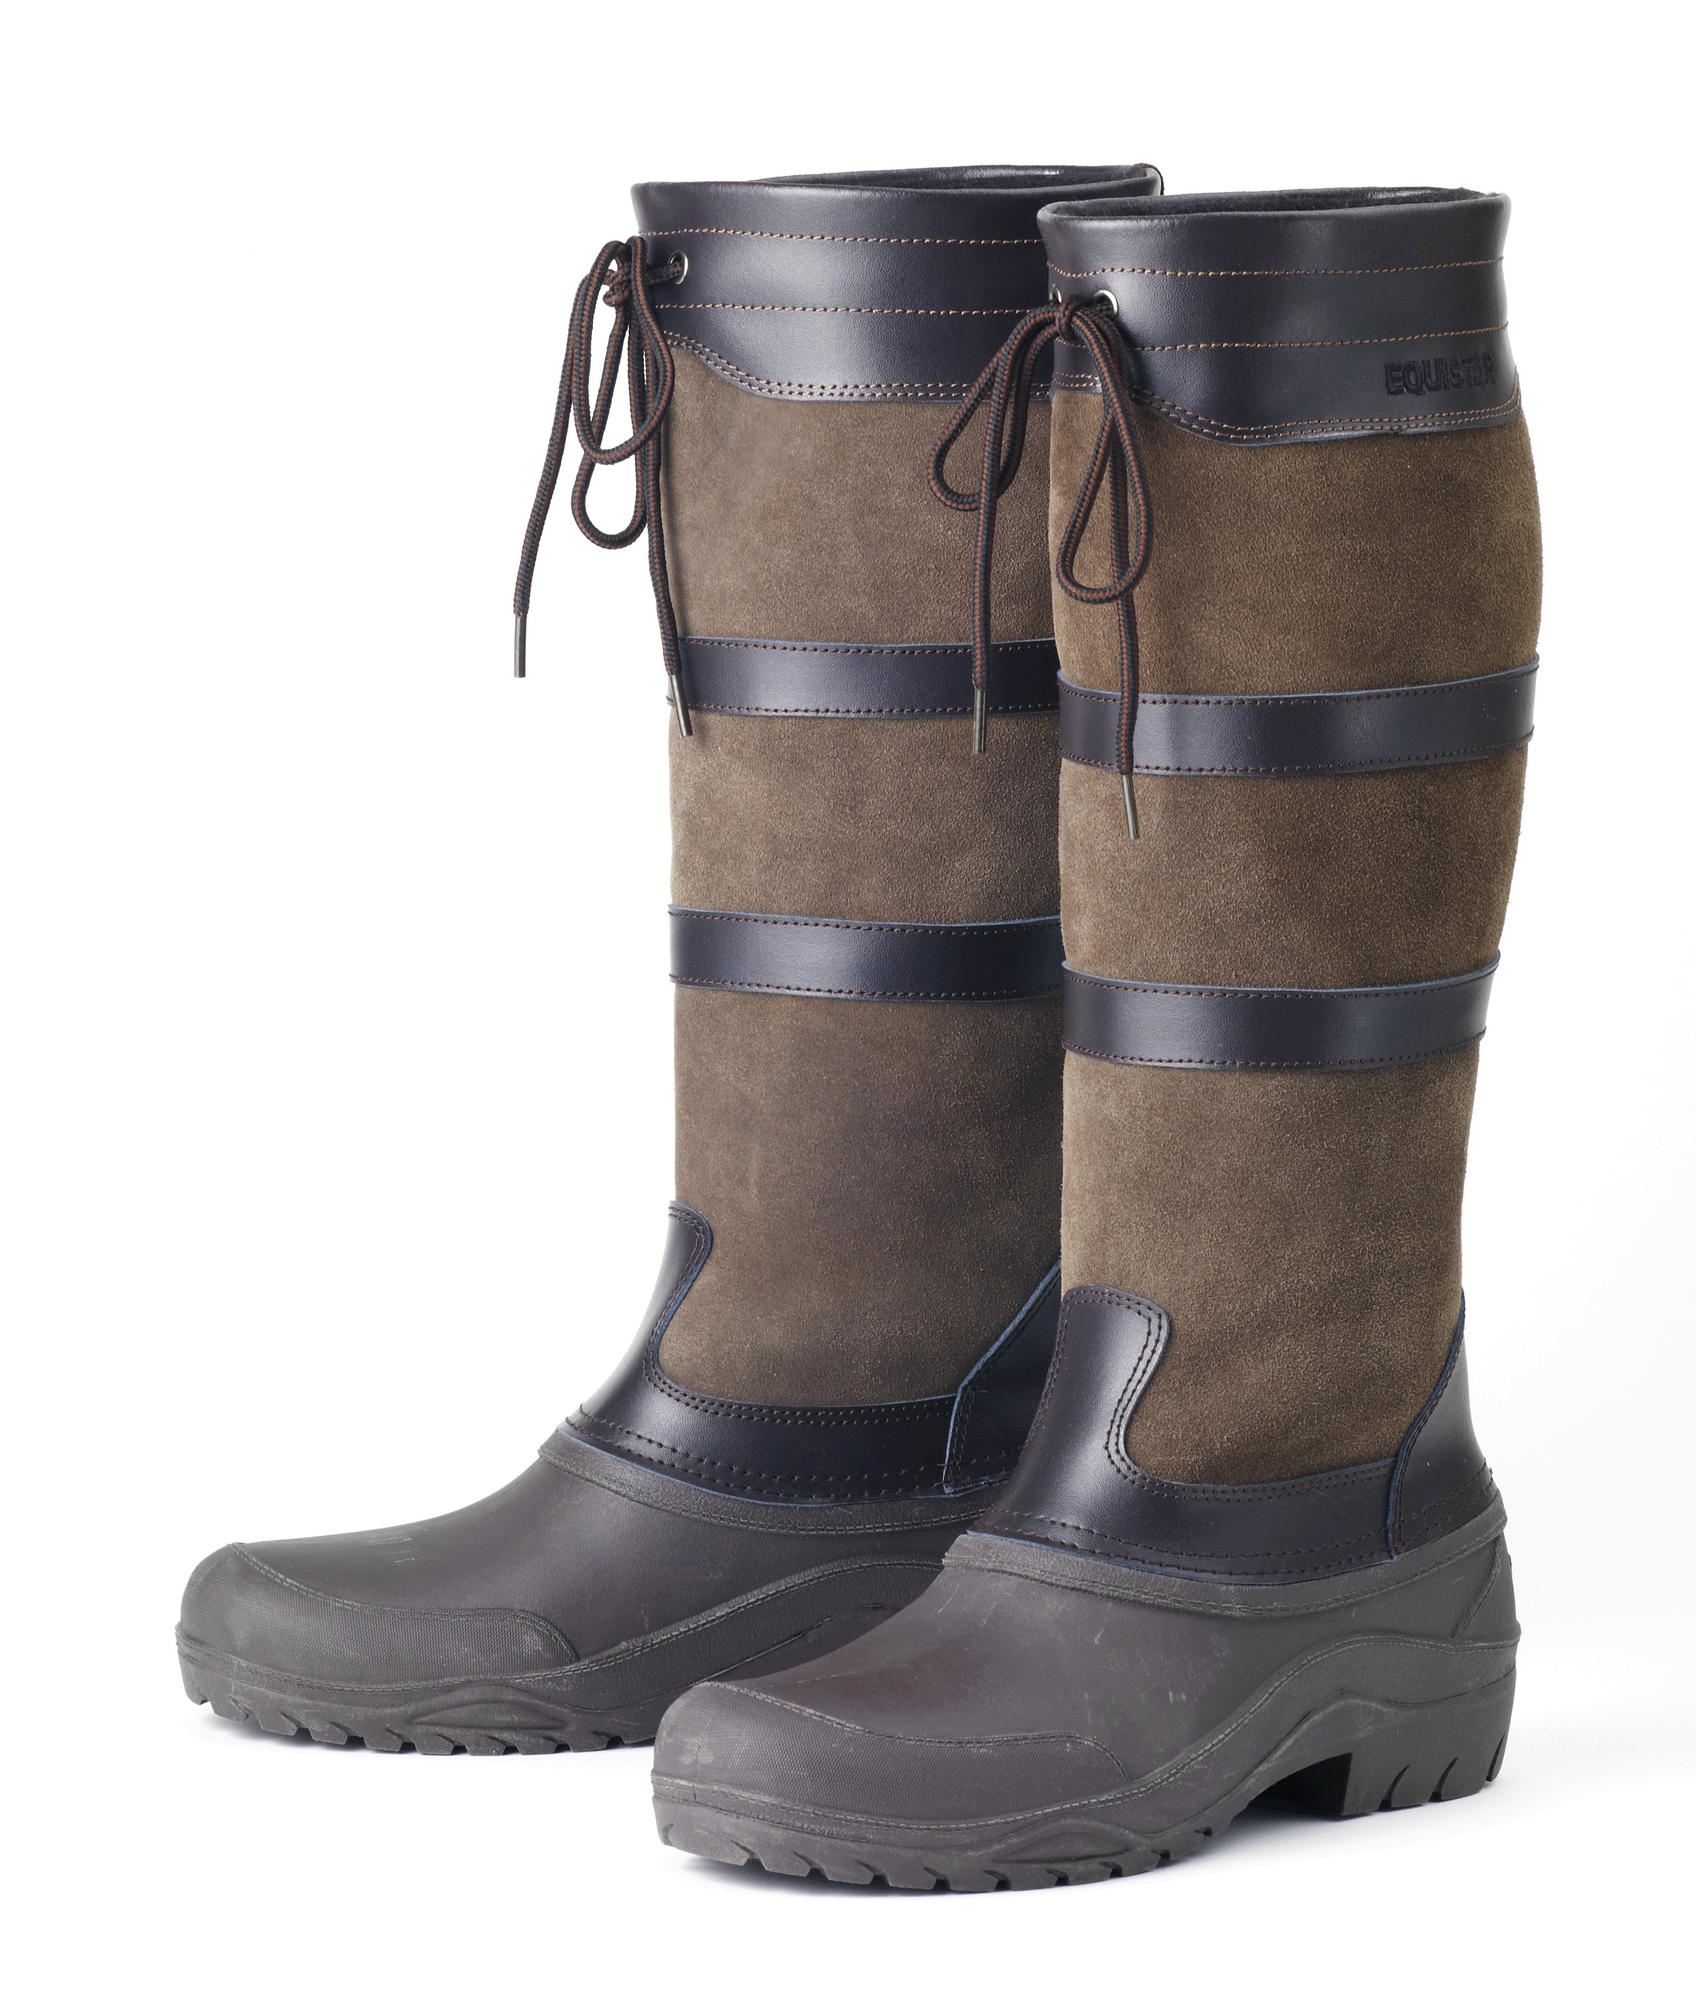 EquiStar Finley Boot